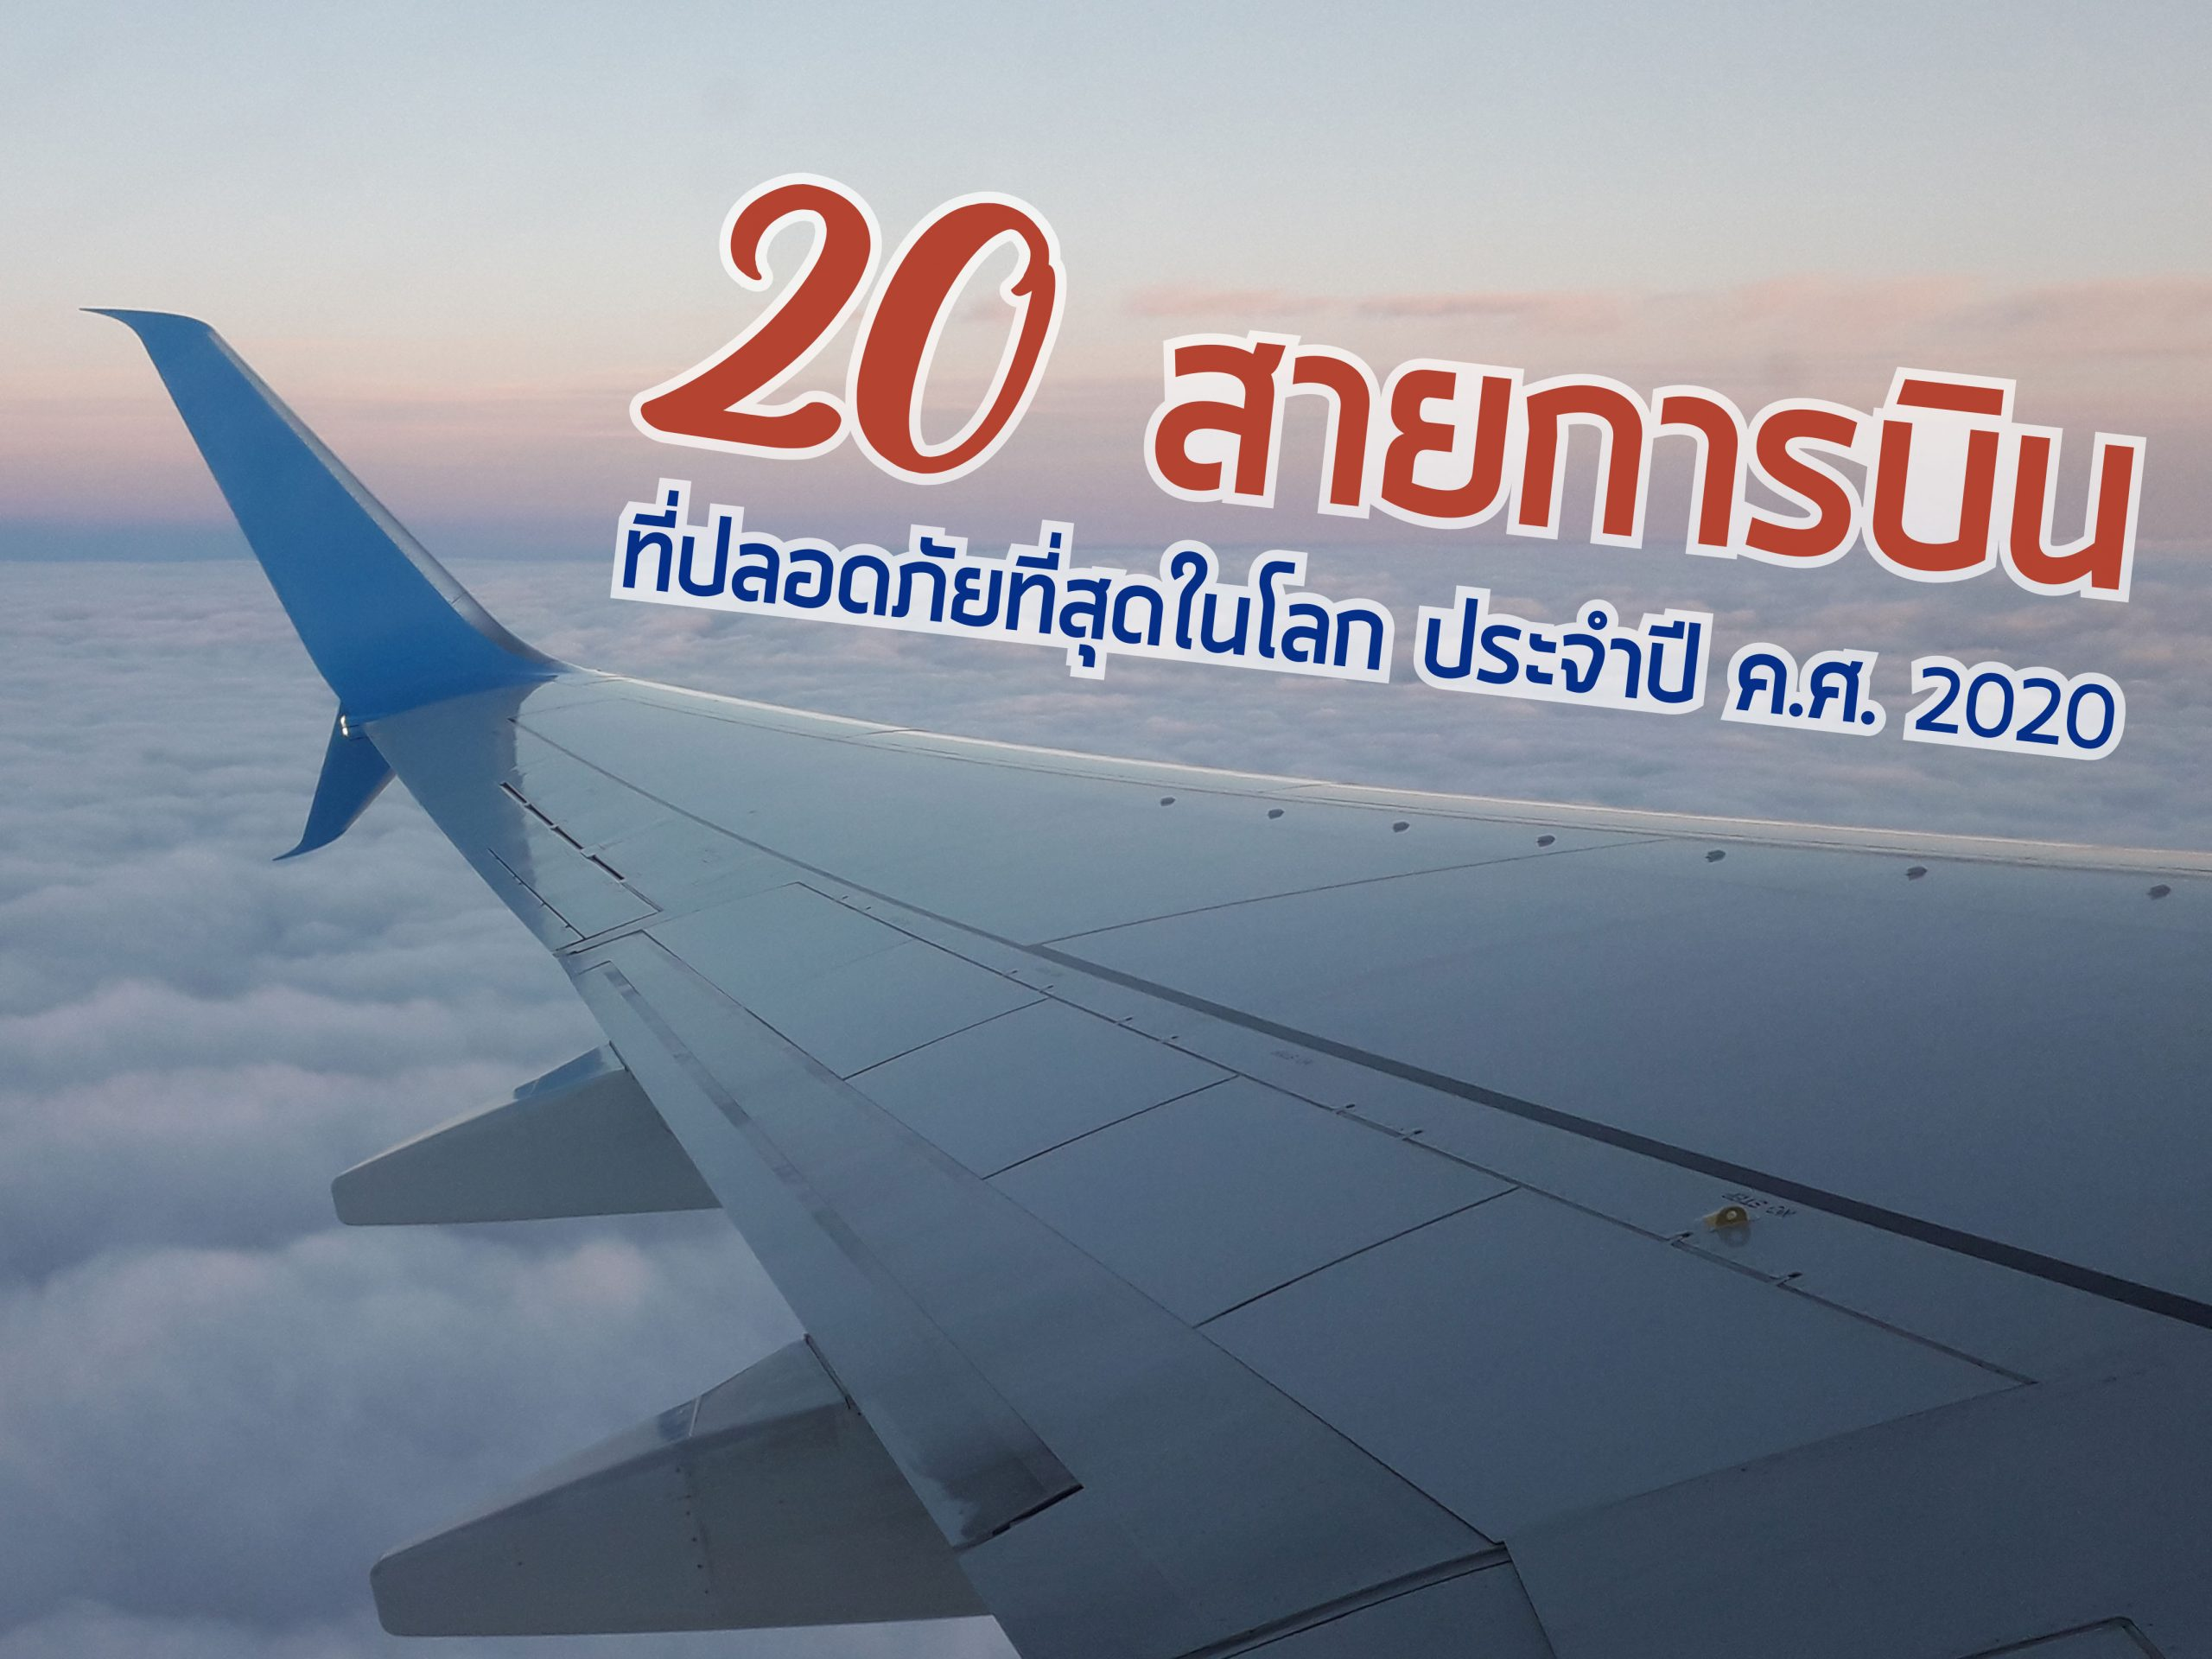 20 สายการบิน ที่ปลอดภัยที่สุดในโลก ประจำปี ค.ศ. 2020